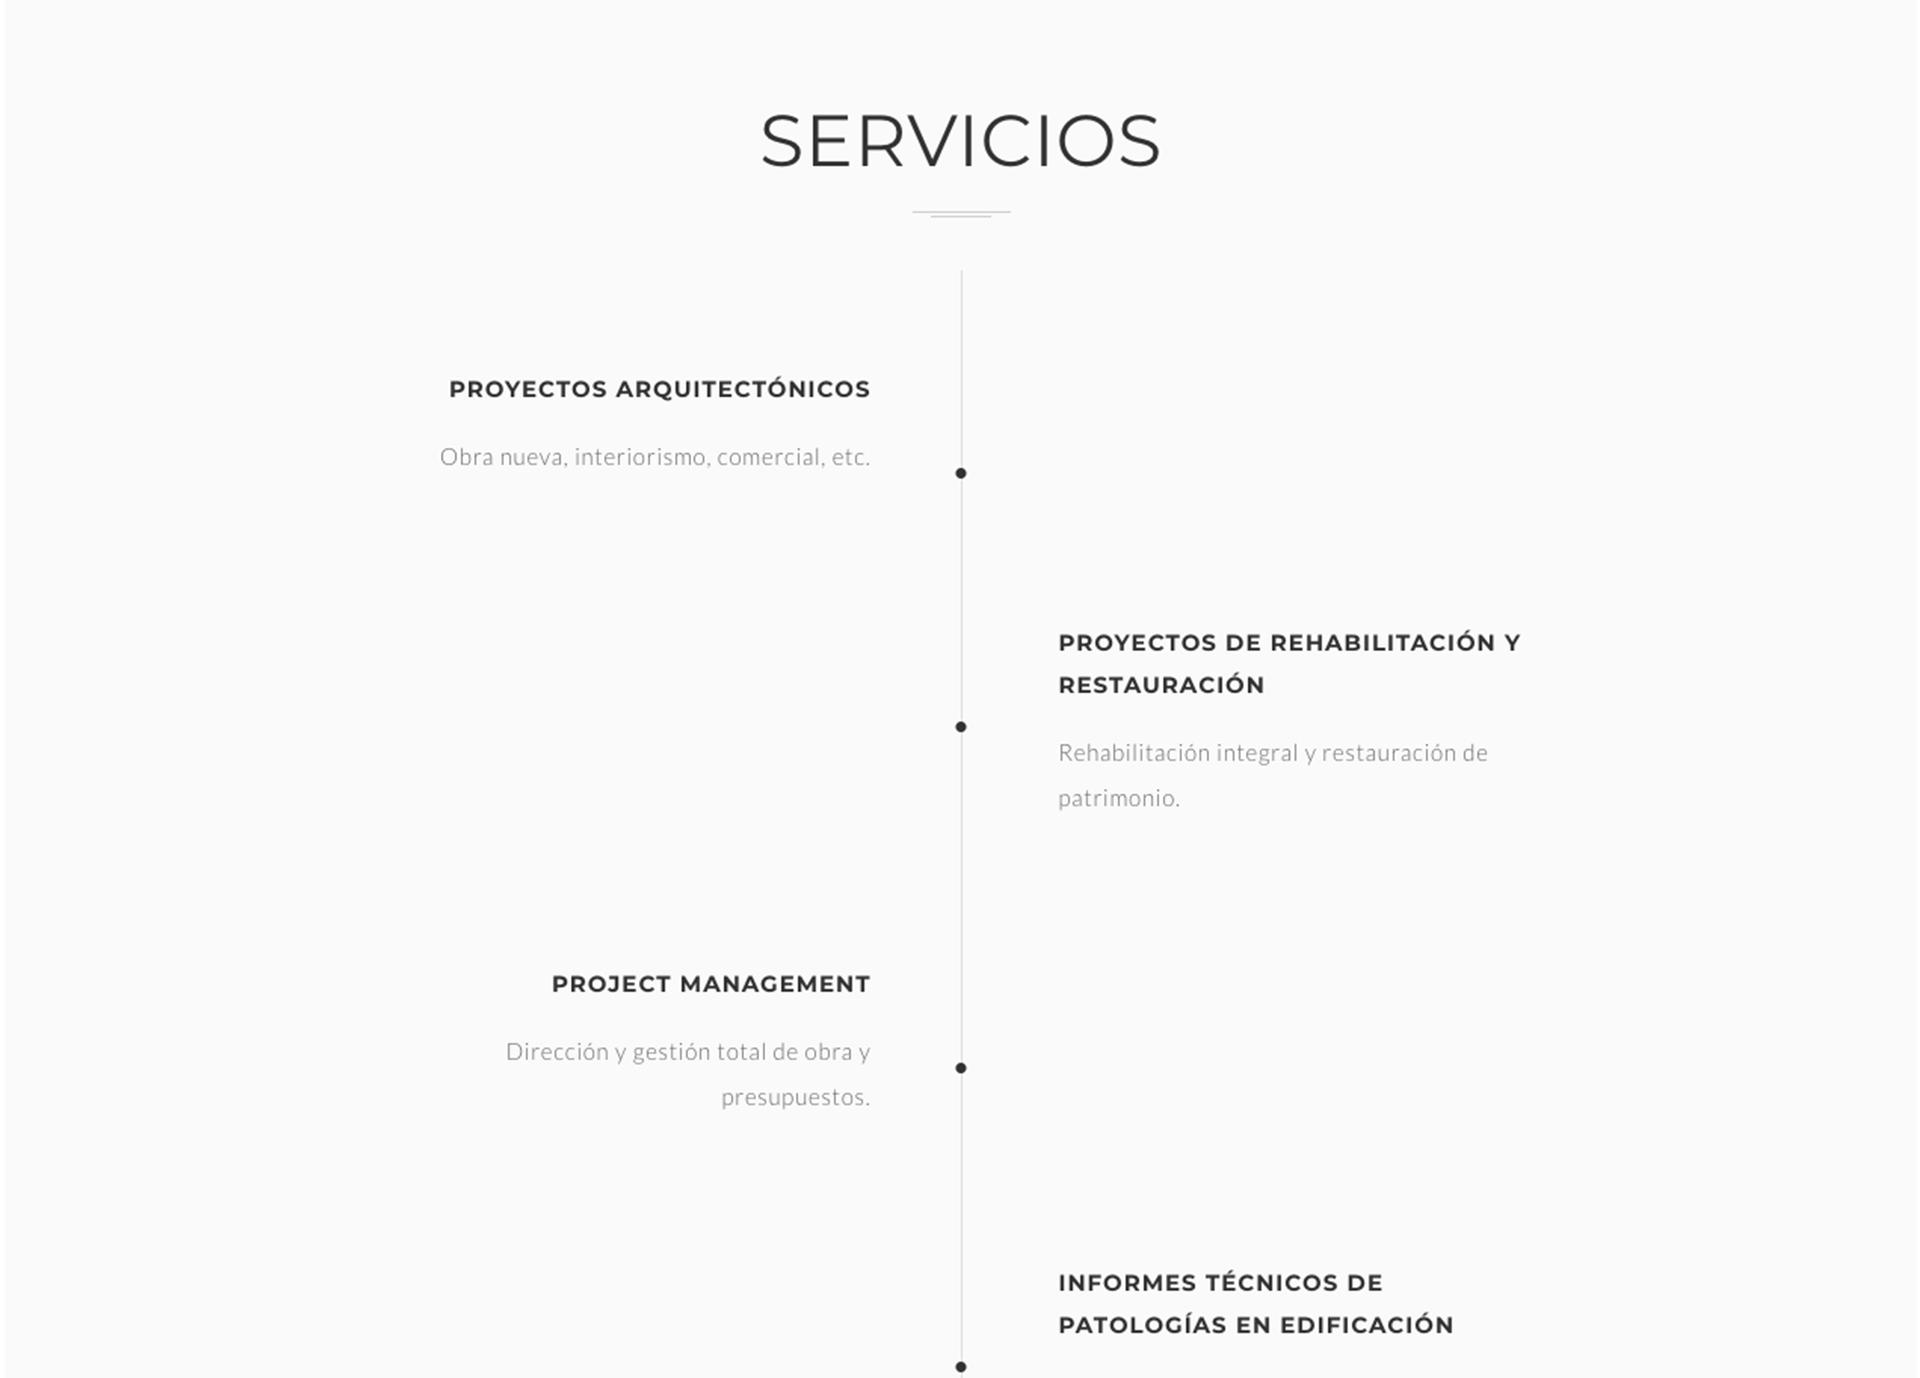 H Arquitectos Web